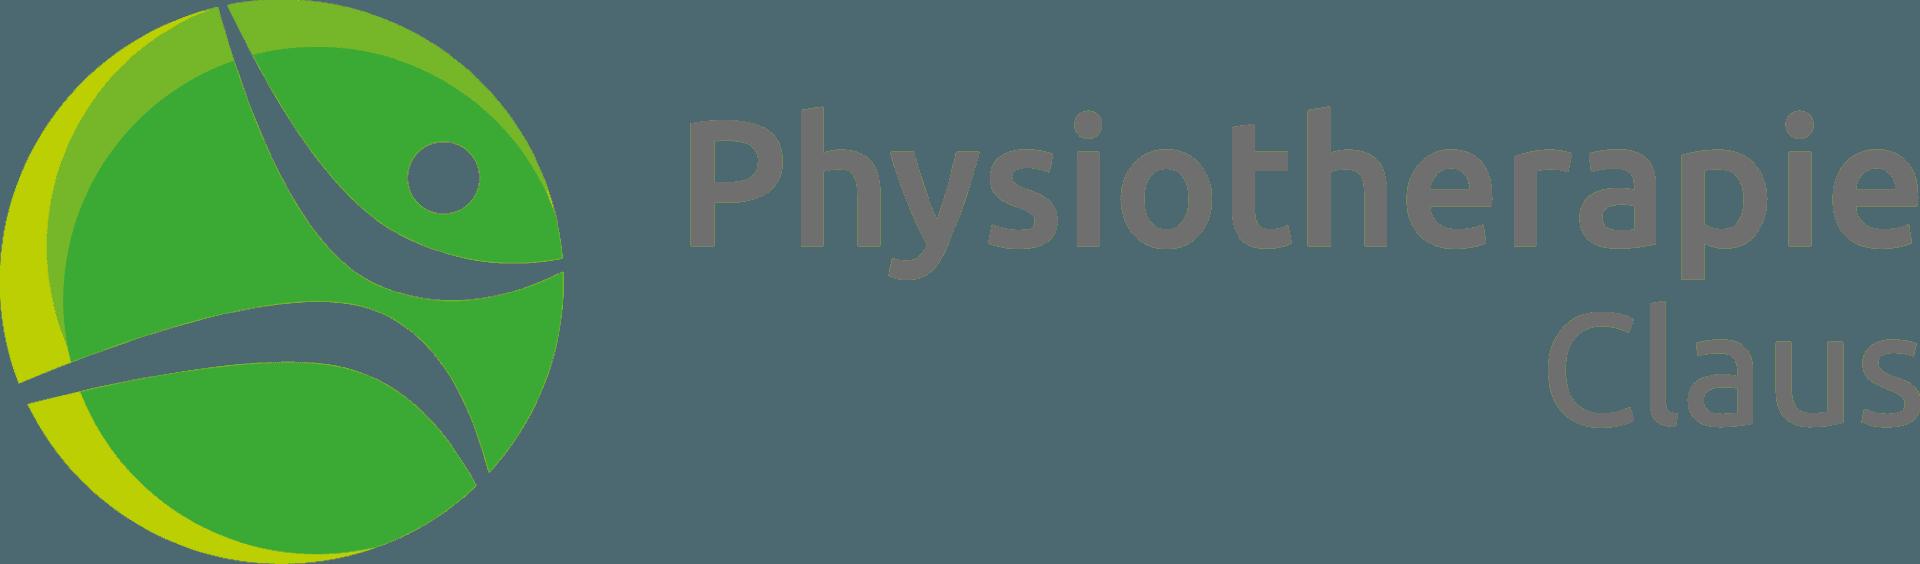 Logo Physiotherapie Claus in Bautzen